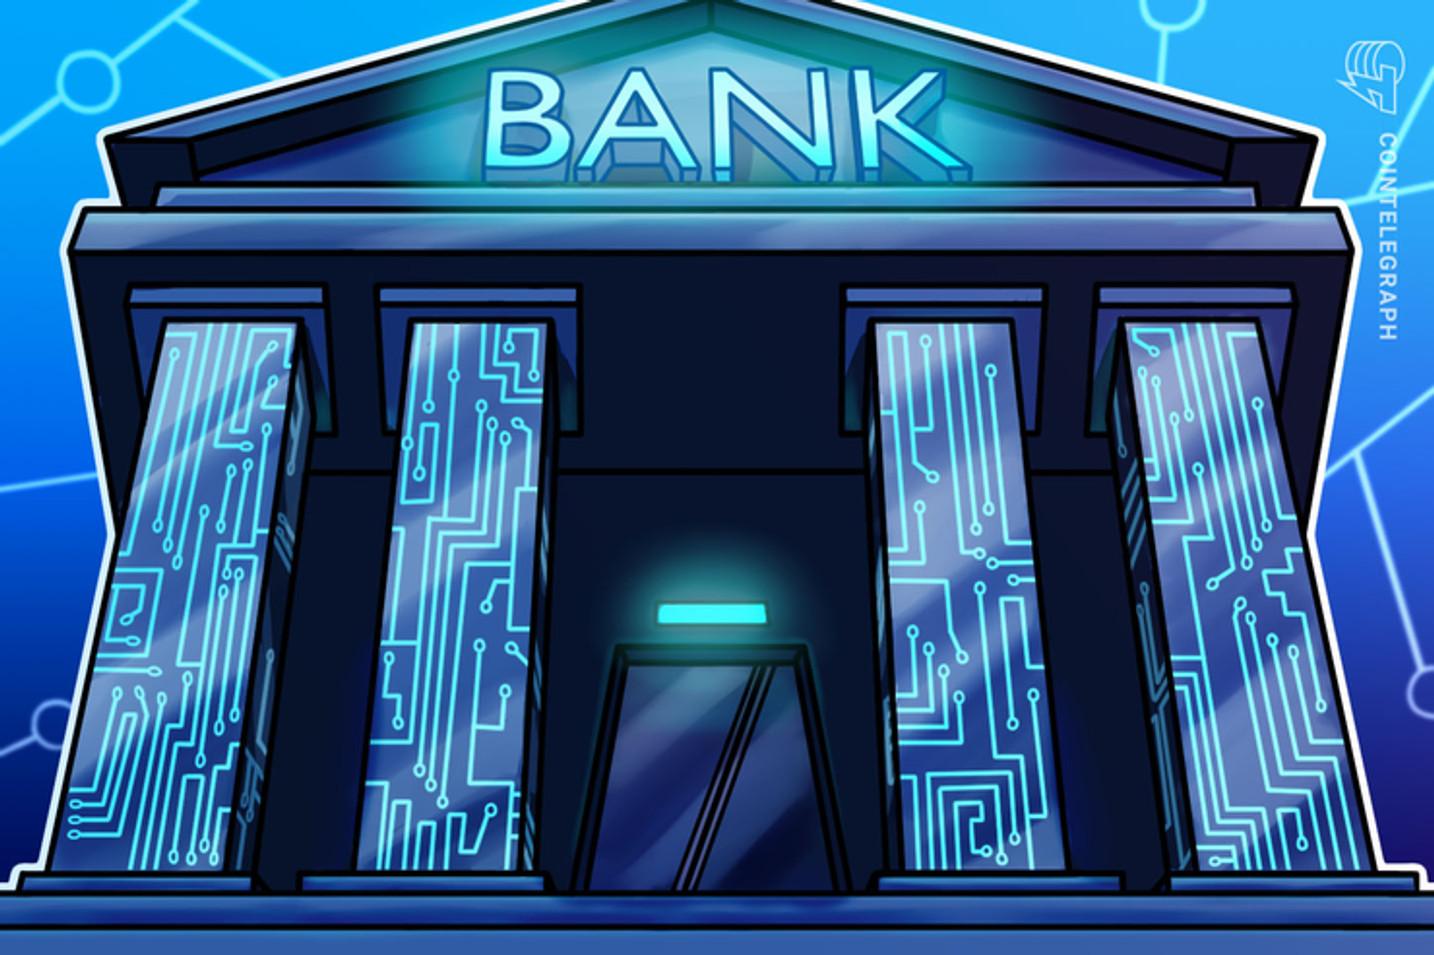 Banco Central do Brasil aprova XCMG, Banco 100% chinês no Brasil